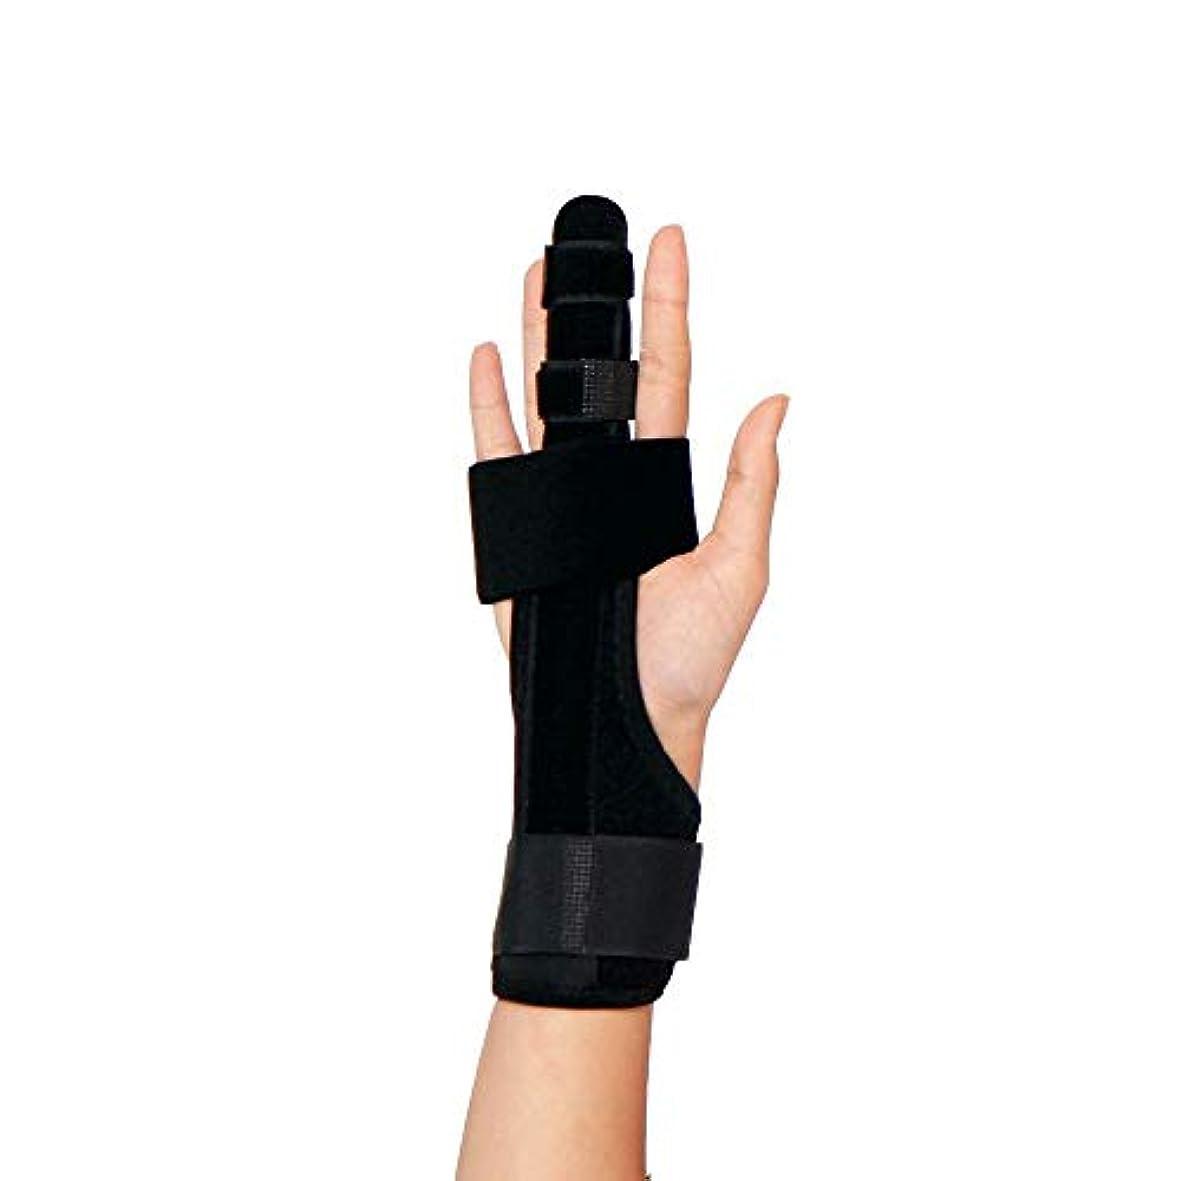 安全でないデュアル記述するトリガーフィンガースプリントフィンガーブレース、調節可能なプロテクター壊れた指用の快適なフィンガースプリント曲がったマレットまたは関節炎